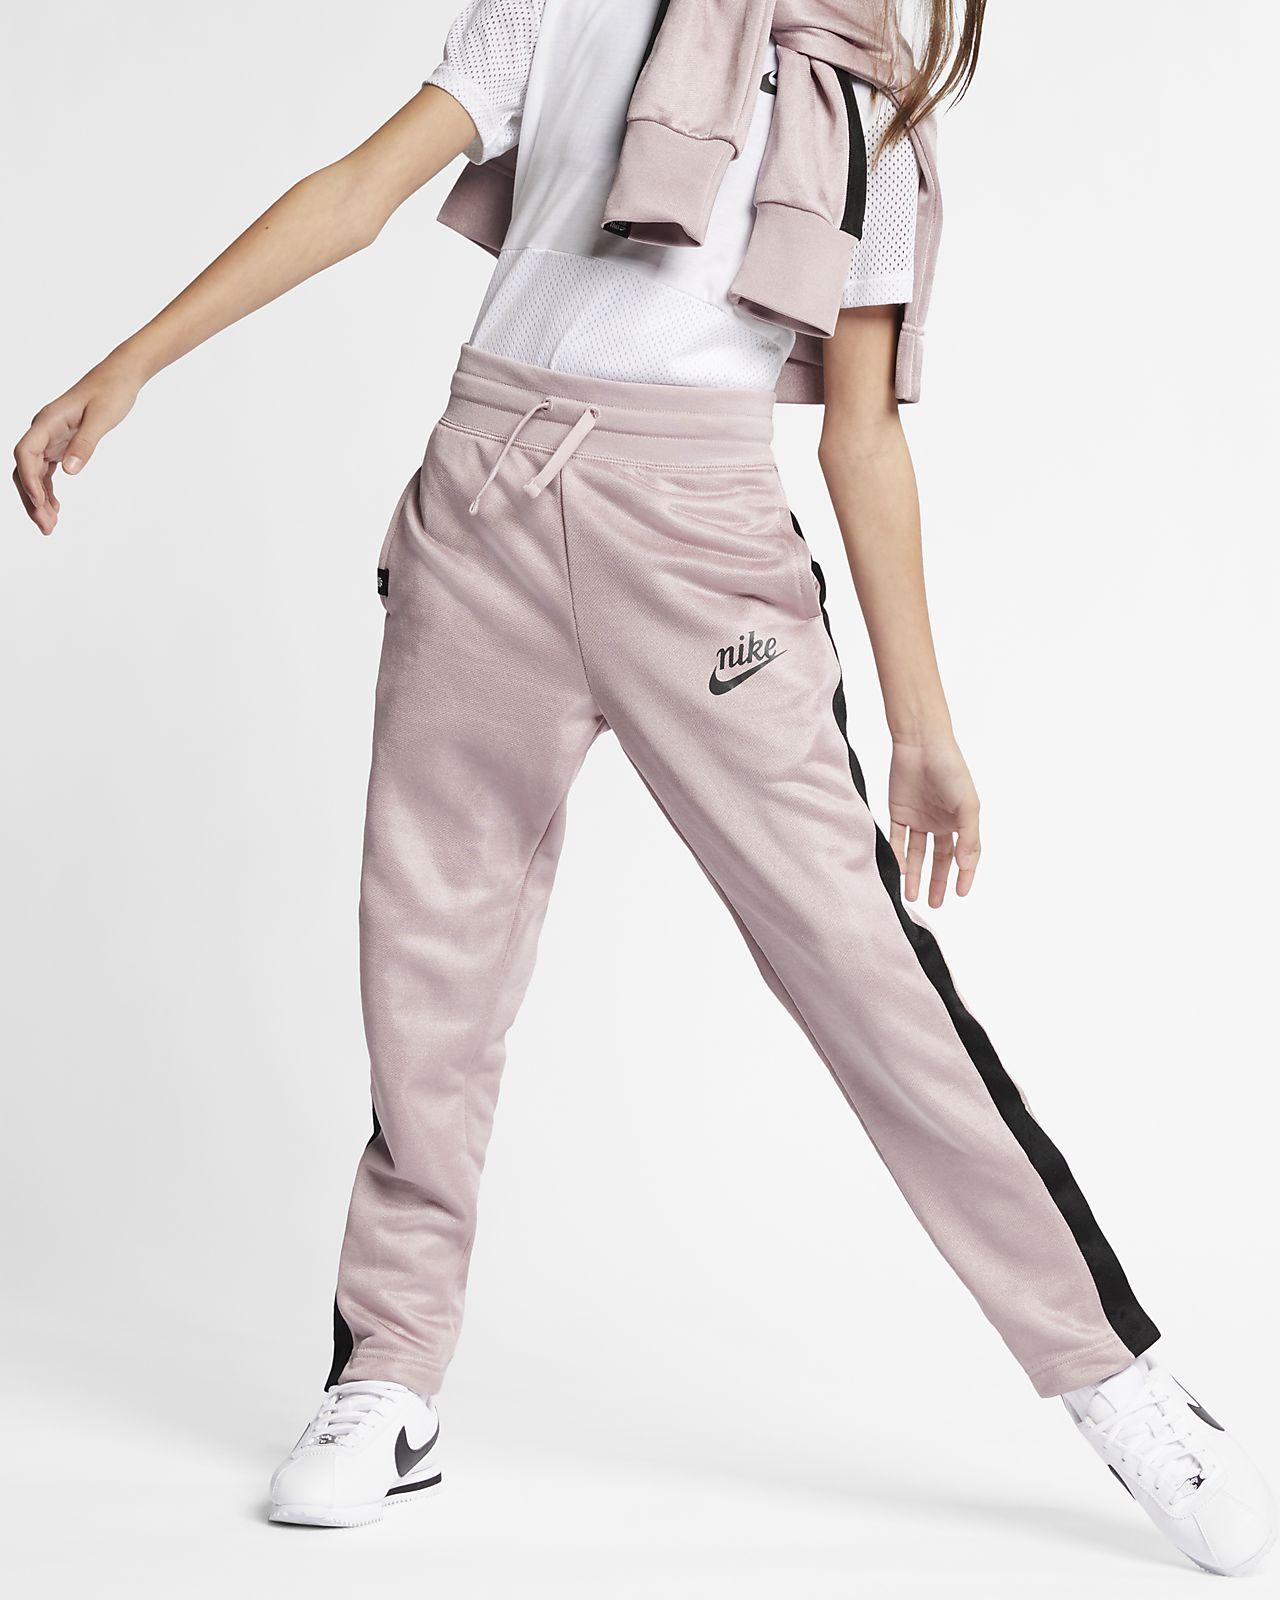 Nike Sportswear Yünlü Genç Çocuk (Kız) Eşofman Altı